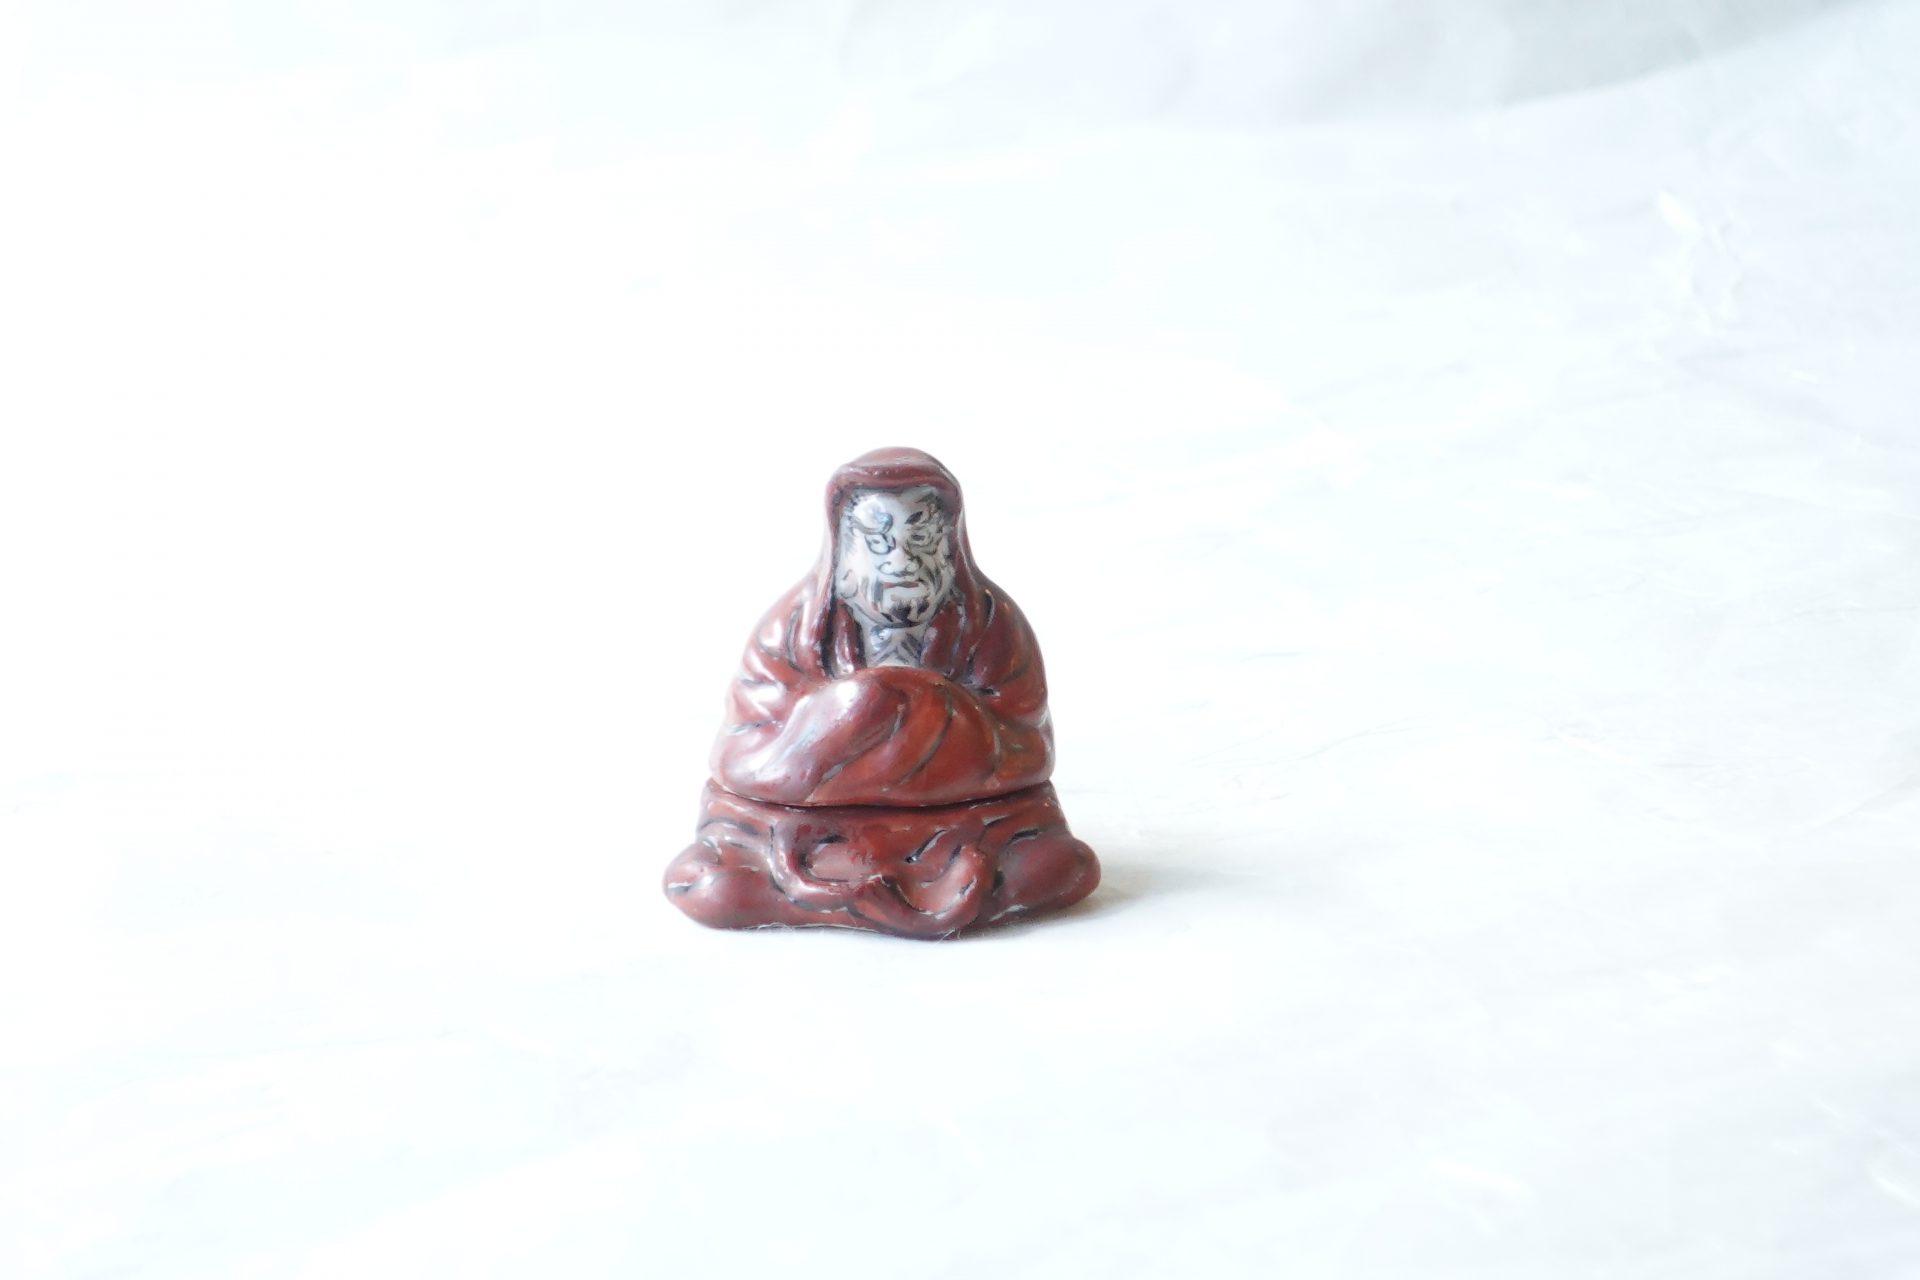 清水焼 清風与平 だるま 香合 茶道 床の間 炉の時季 鑑賞の対象 達磨大師 禅宗の開祖 だるまさん 禅宗の初祖 ありがたい 小林漆陶 岐阜市